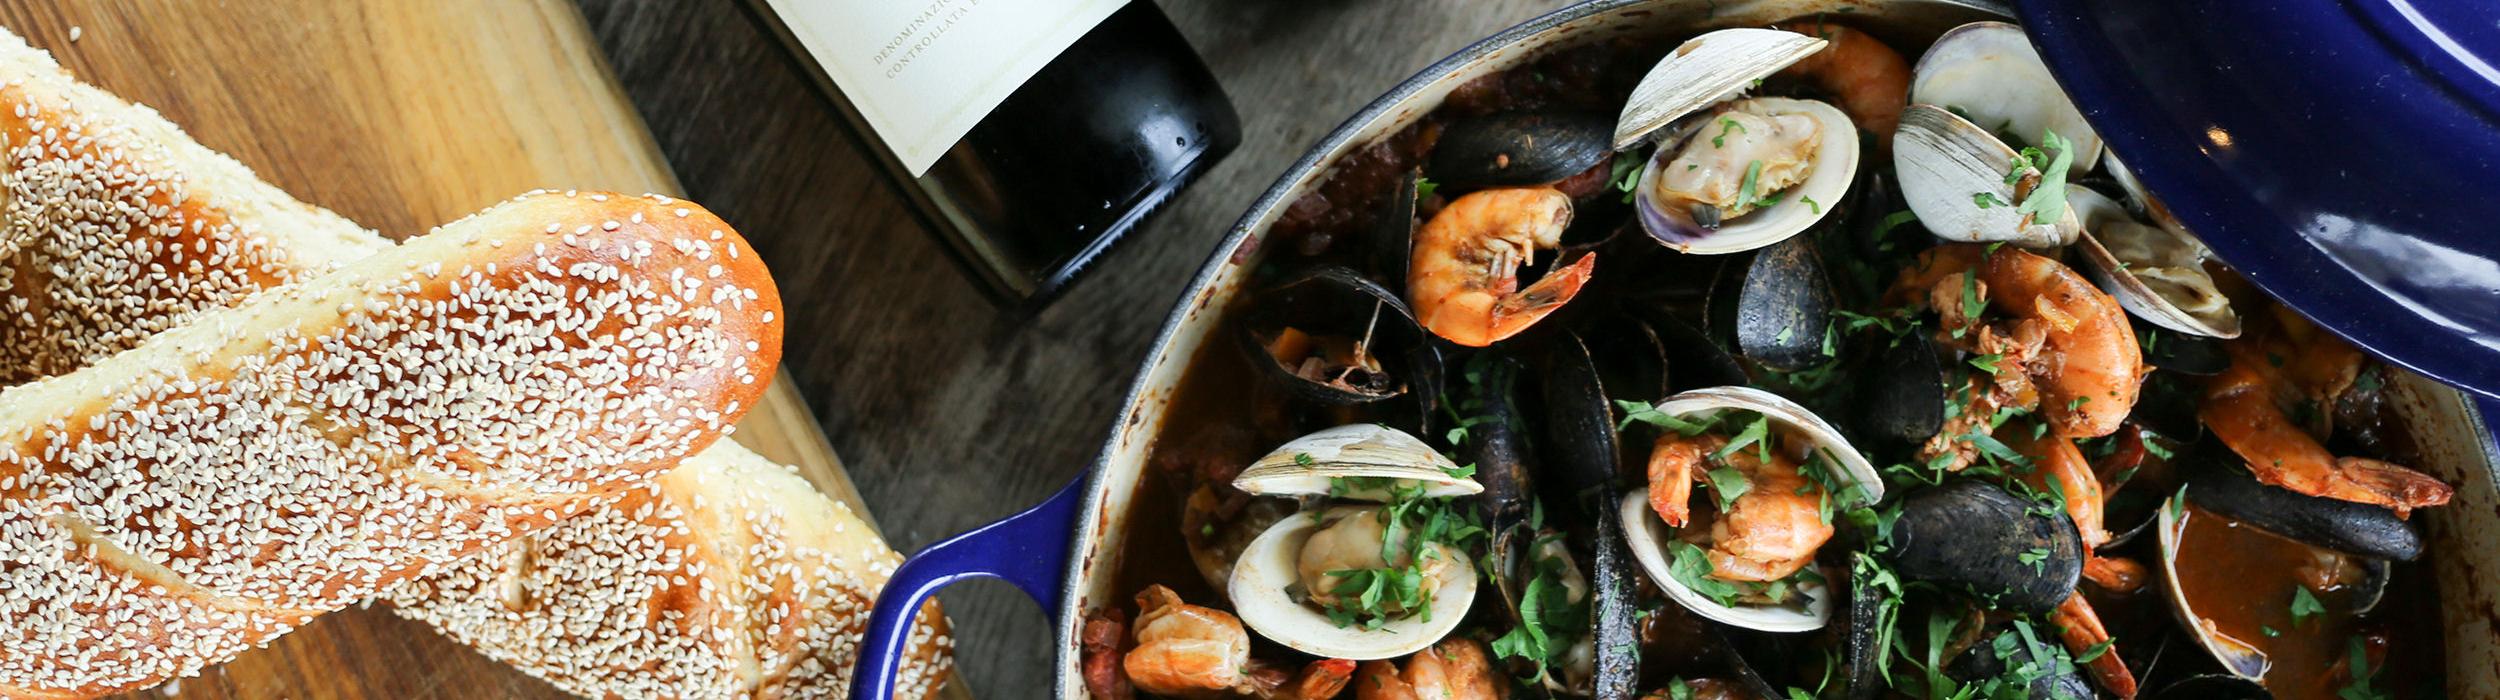 Cioppino – Italian Seafood Stew